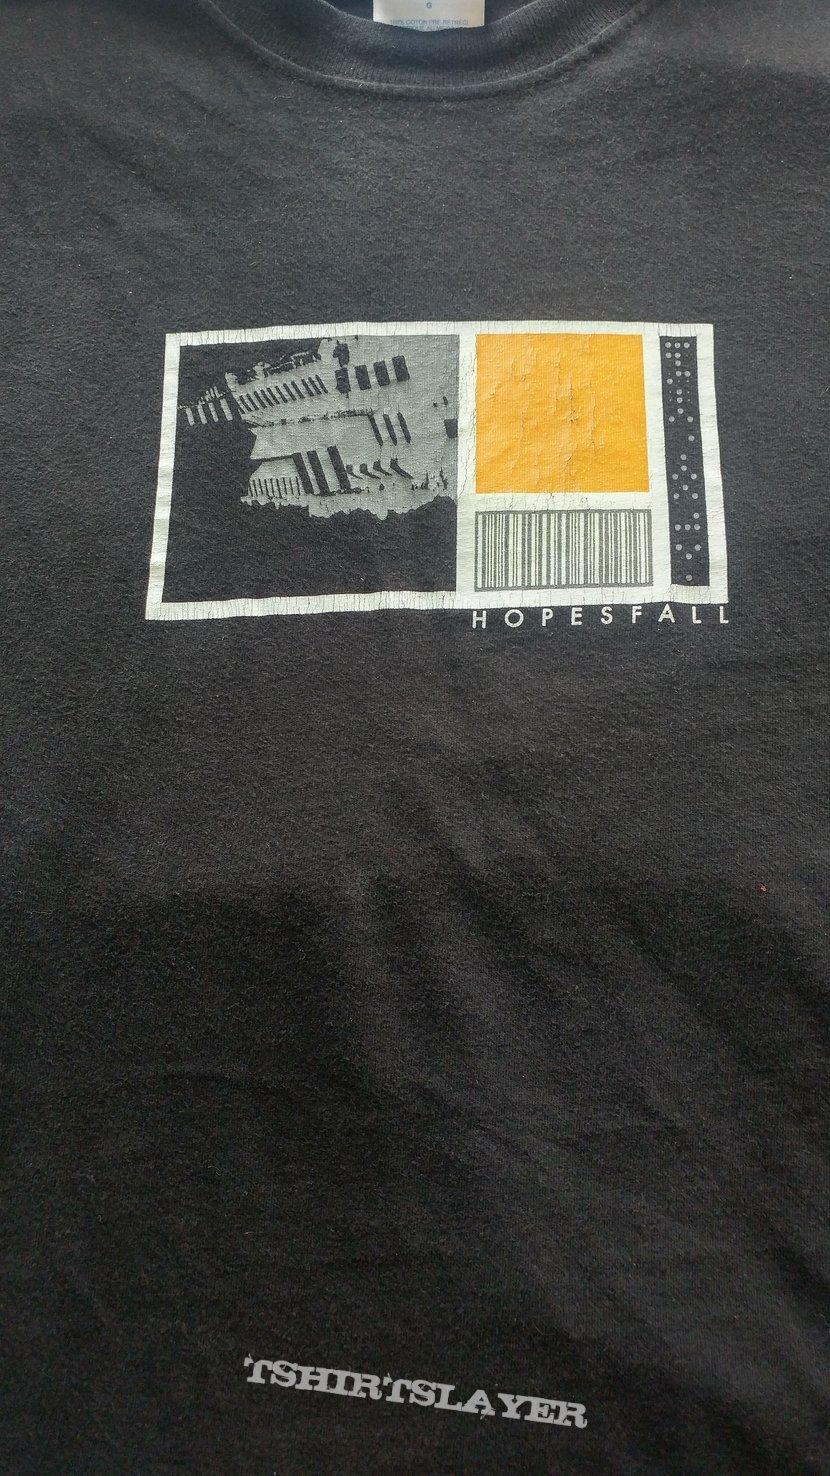 Hopesfall Trustkill shirt